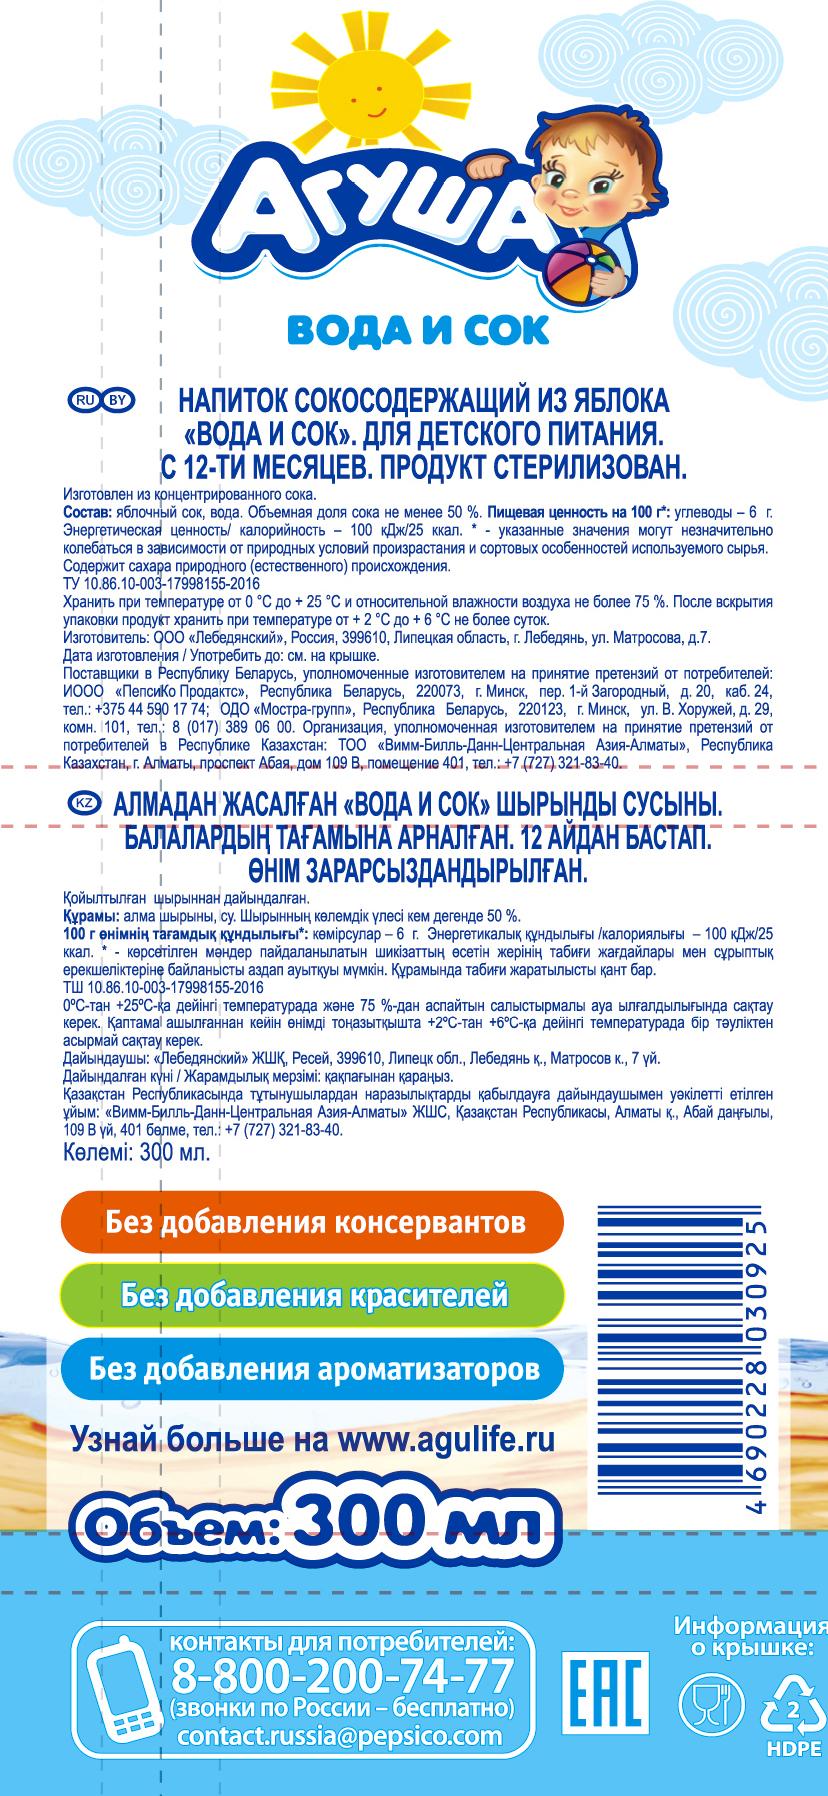 Купить Напиток, Агуша «Вода и сок» Яблоко с 12 мес. 300 мл, 1шт., Агуша 4690228030925, Россия